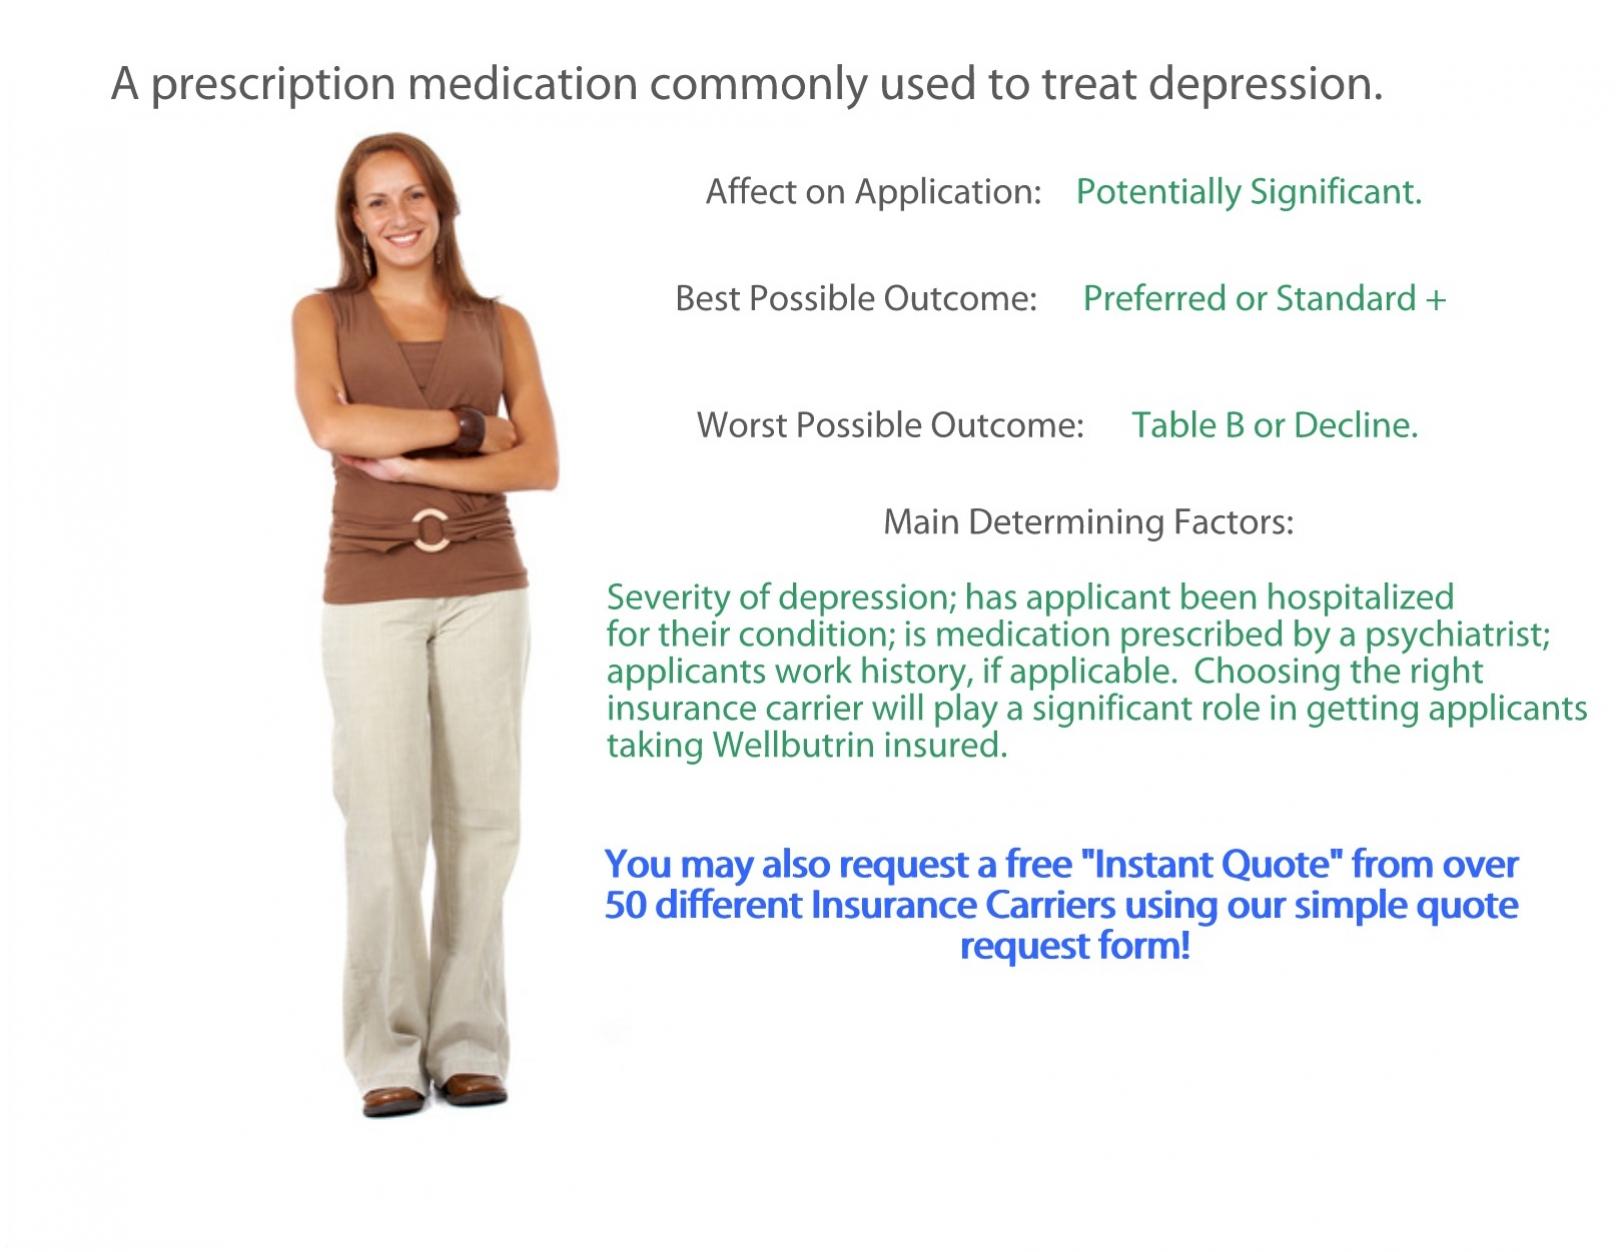 Wellbutrin: The Prescription, Experience, and Outcome